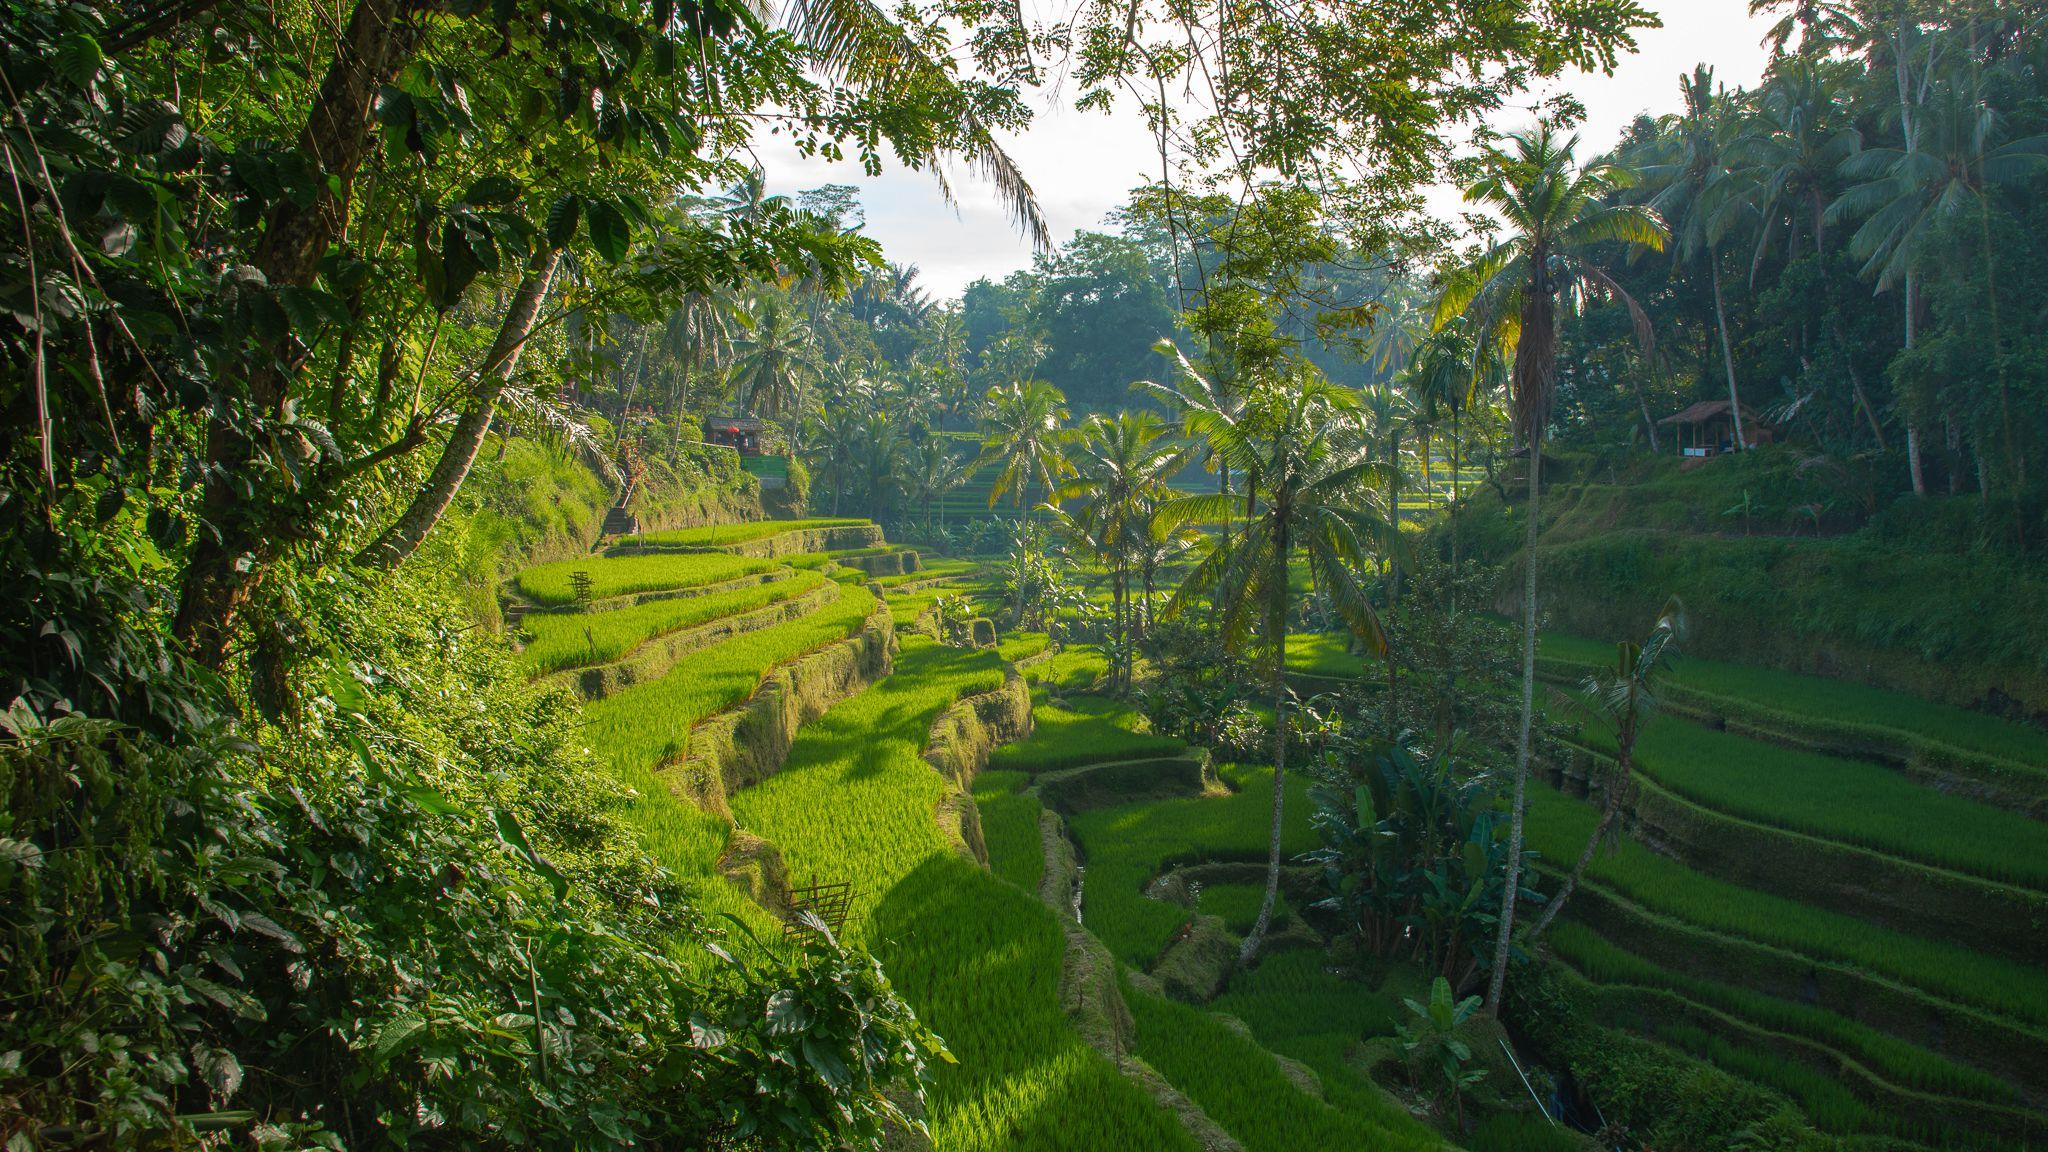 Las 10 mejores cosas que hacer en Ubud, Bali